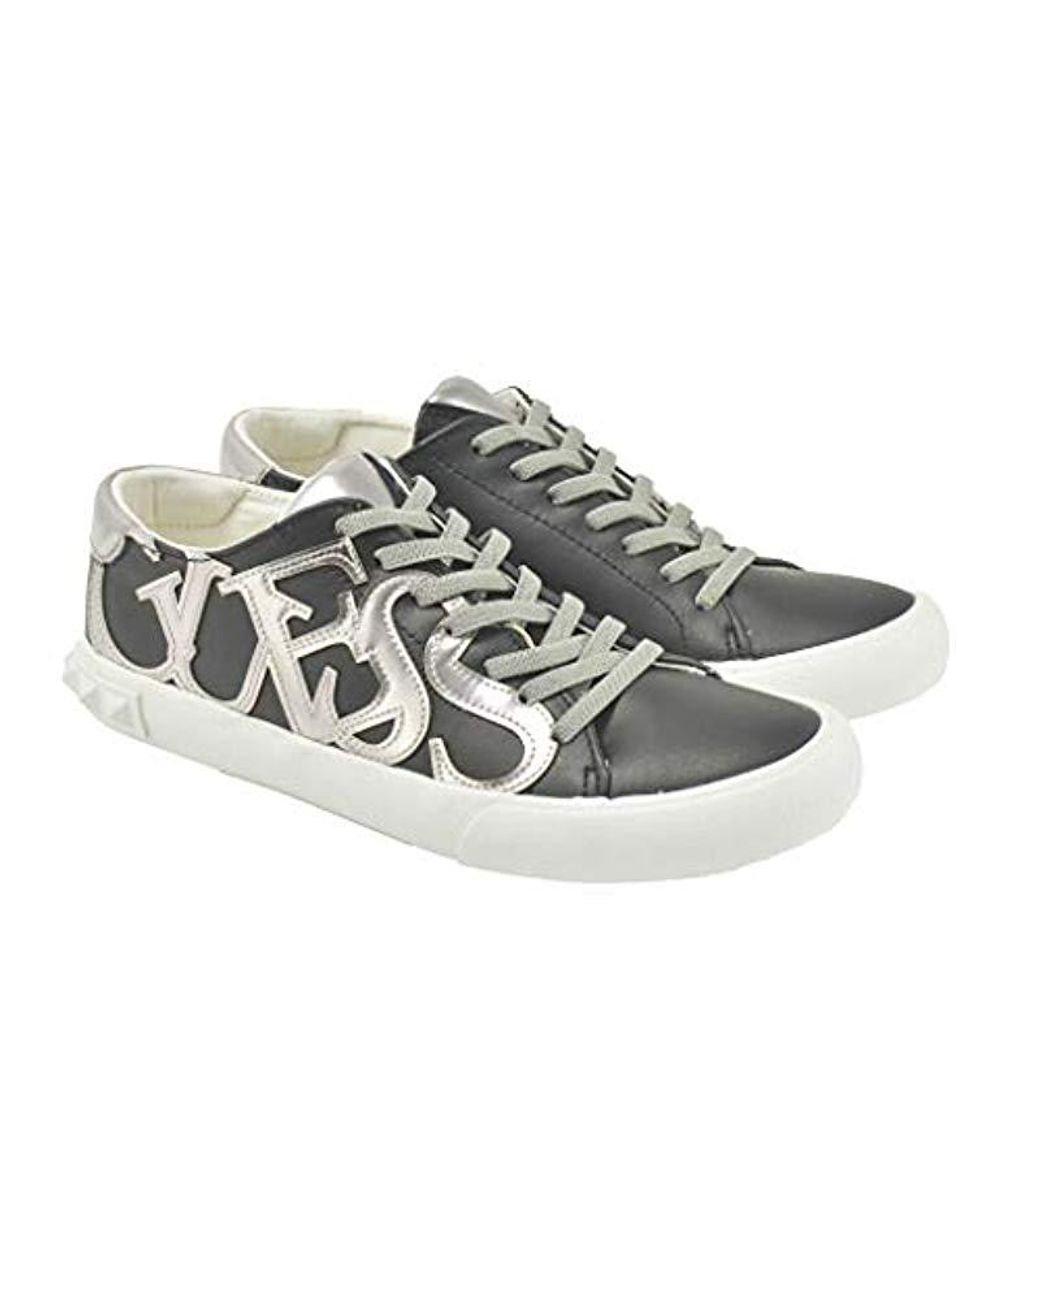 Femme Noir Sneakers Guess 37 Fl5hamele12 R3AL54jcq